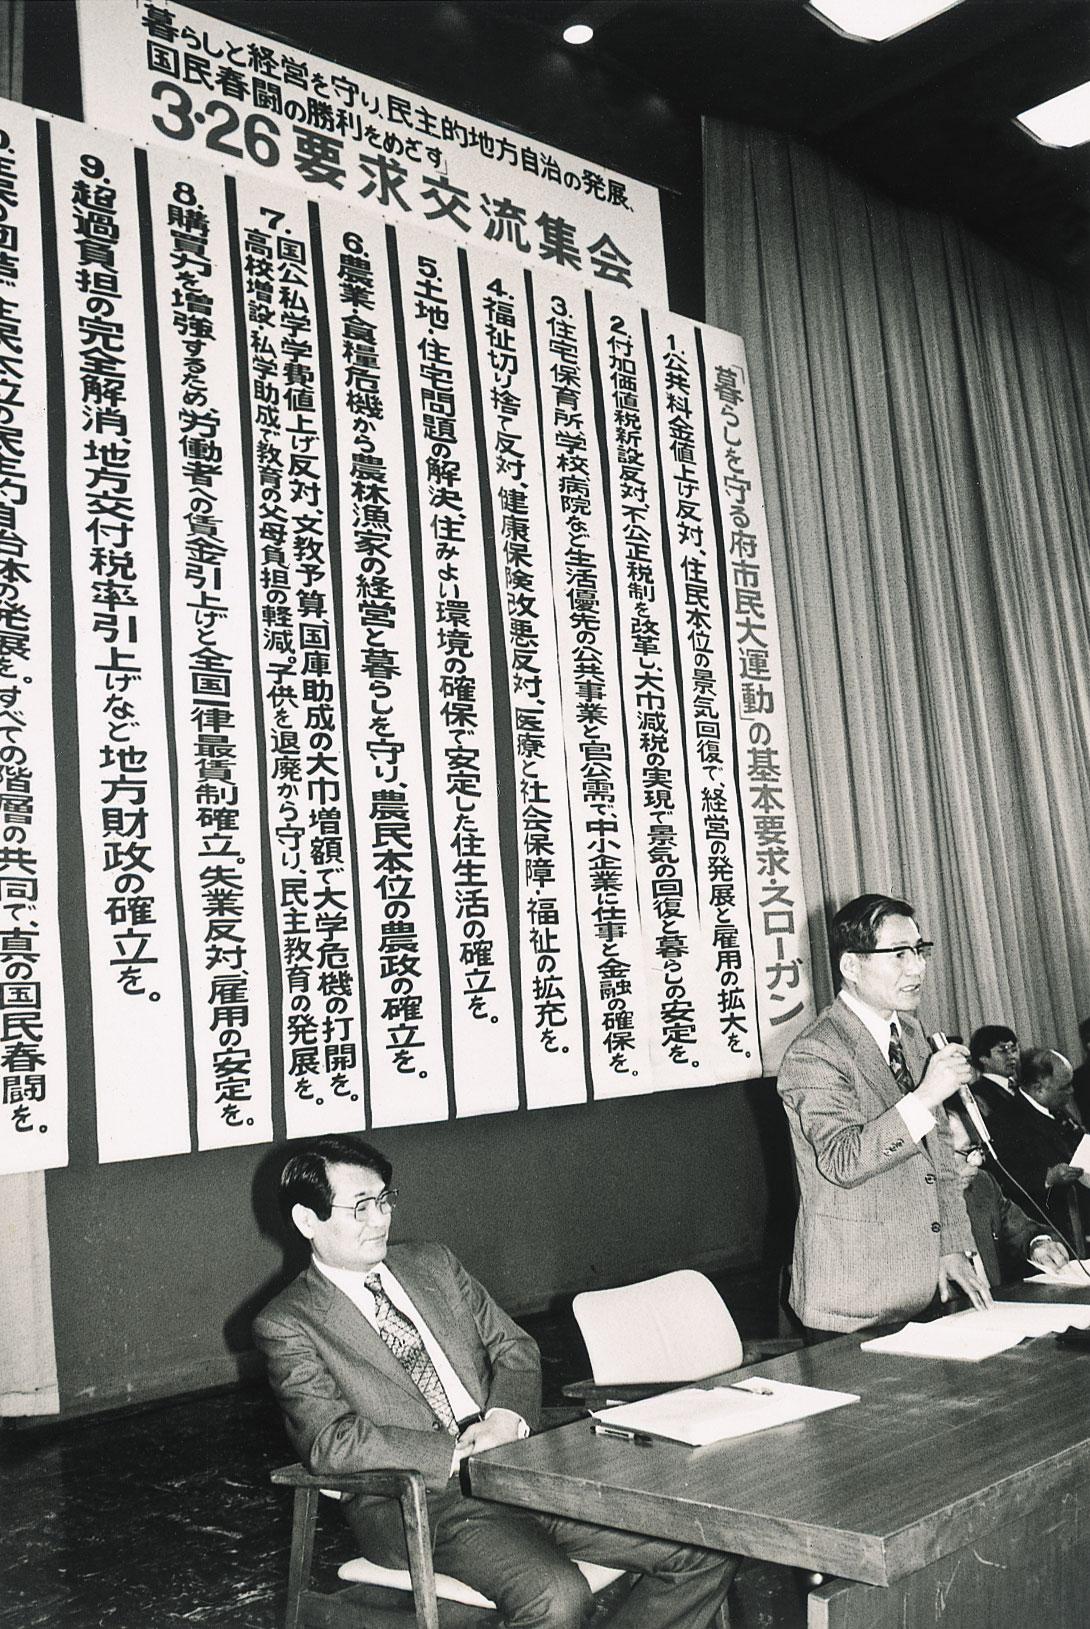 府市民大運動実行委員会